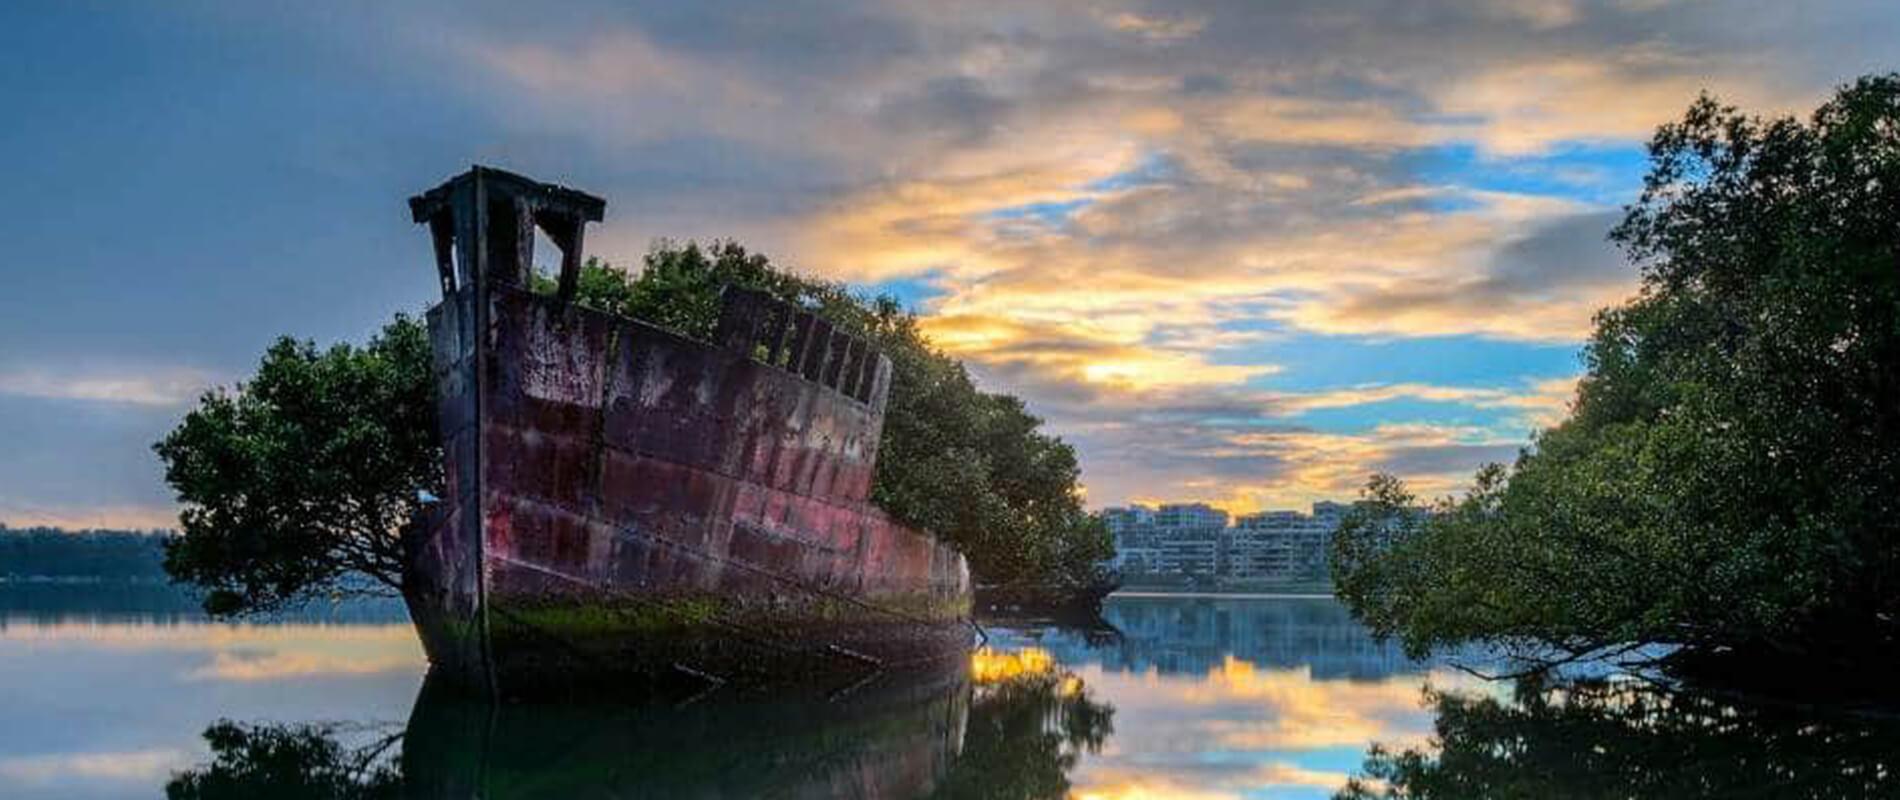 The Floating Forest, la nave da guerra trasformata in un giardino galleggiante